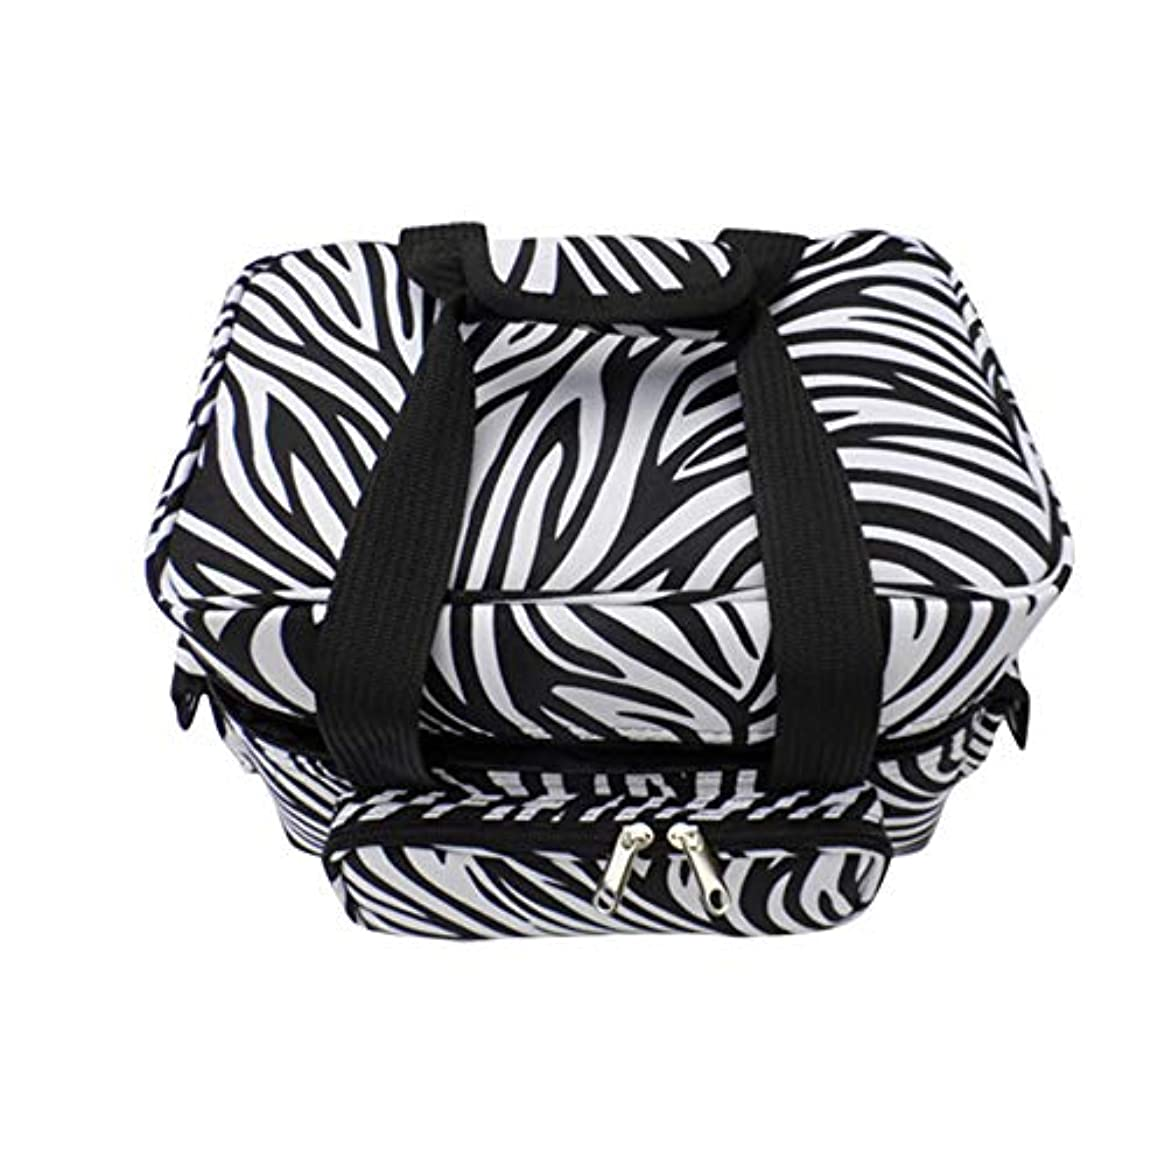 水陸両用差別サスティーン化粧オーガナイザーバッグ ゼブラストライプポータブル化粧品バッグ美容メイクアップと女の子女性旅行とジッパーとトレイで毎日のストレージ 化粧品ケース